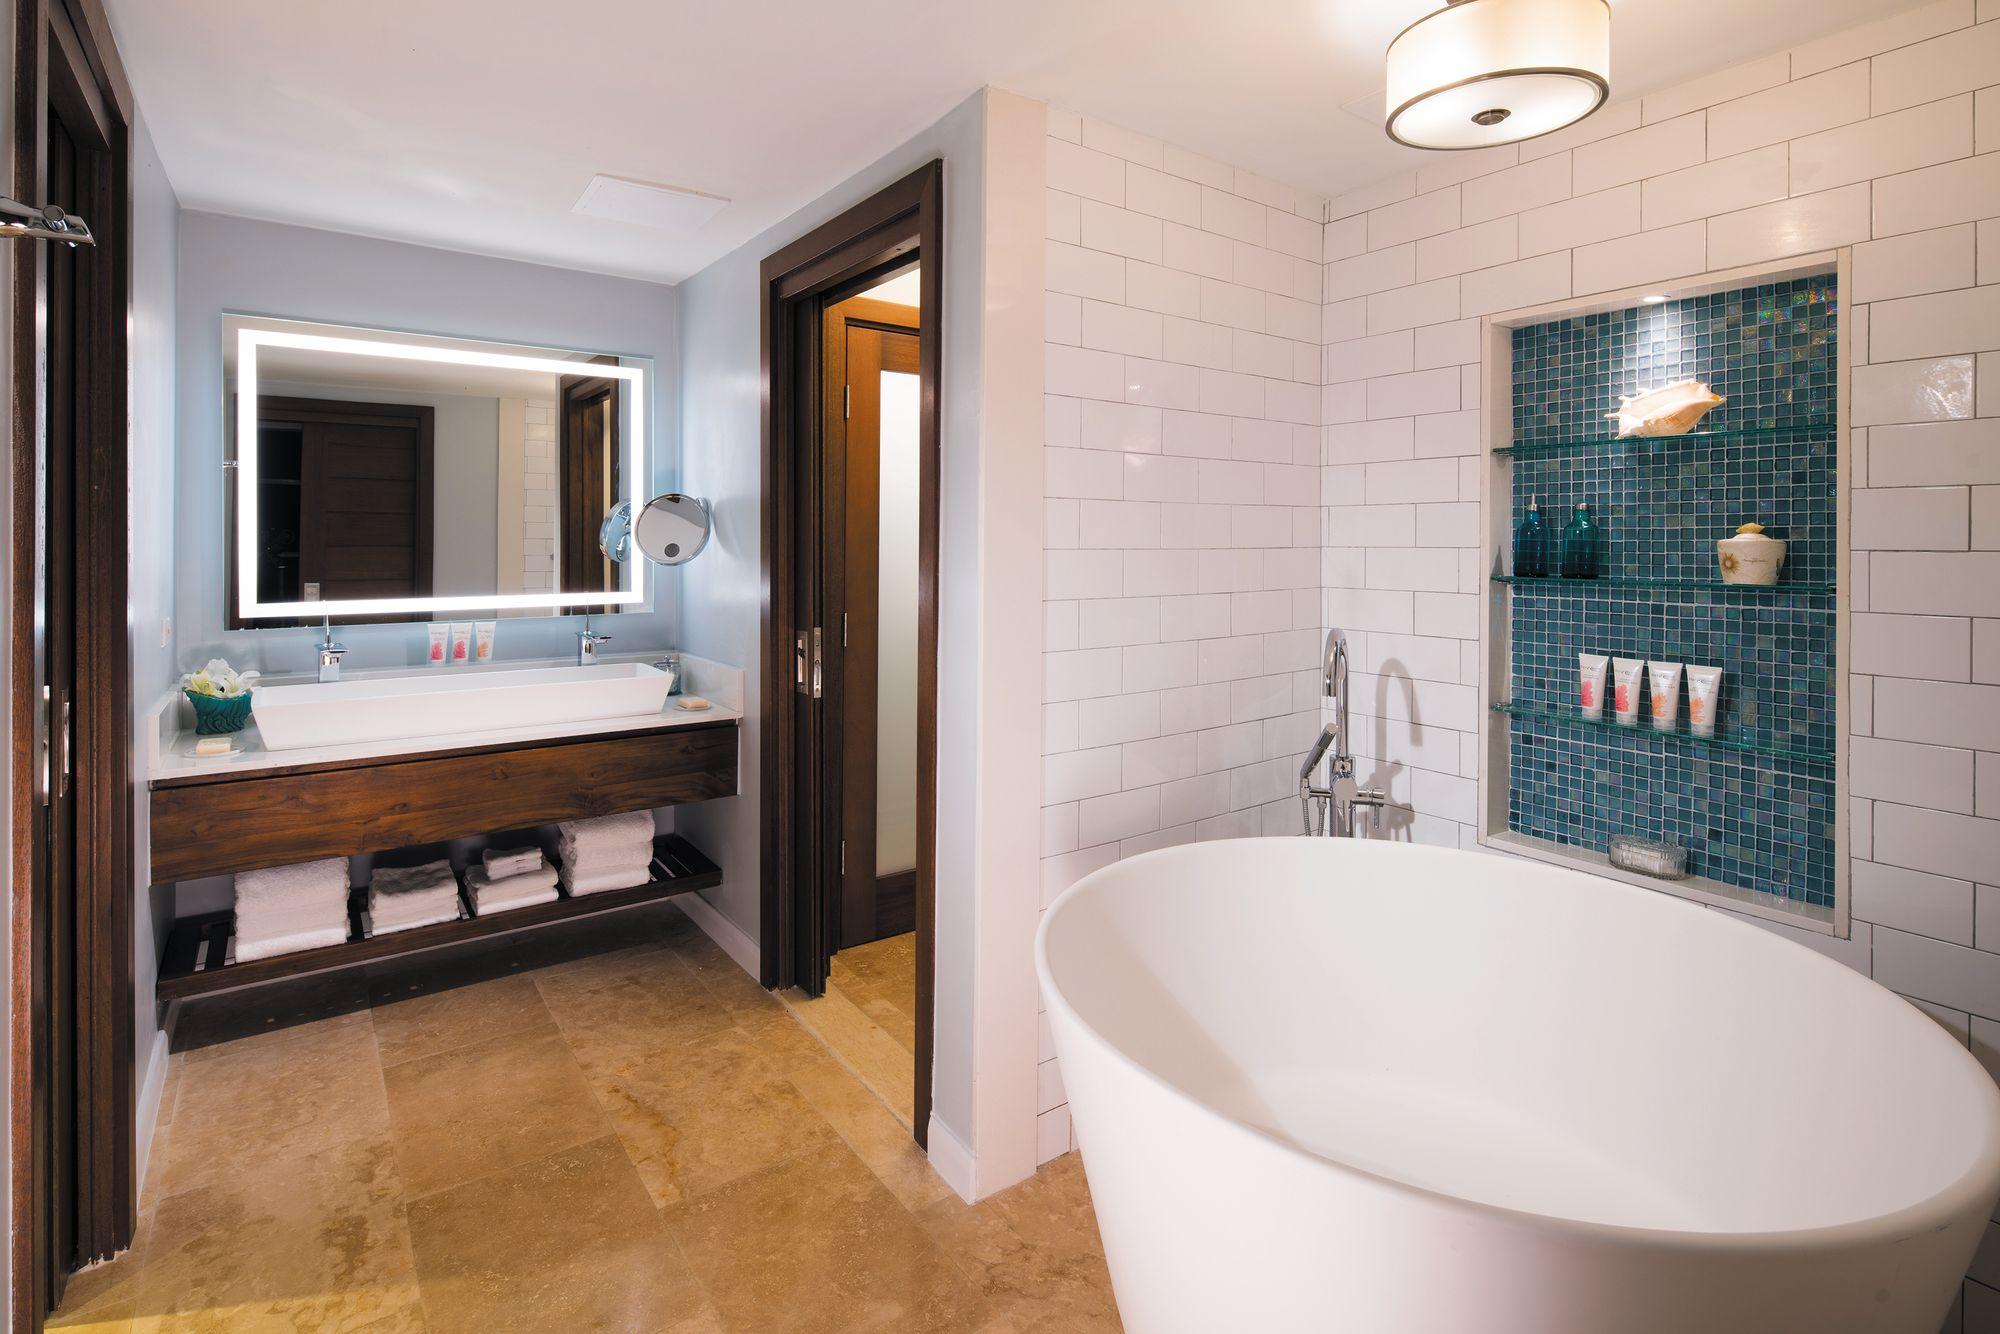 Badezimmer mit großer Runder Badewanne und Doppelwaschbecken.